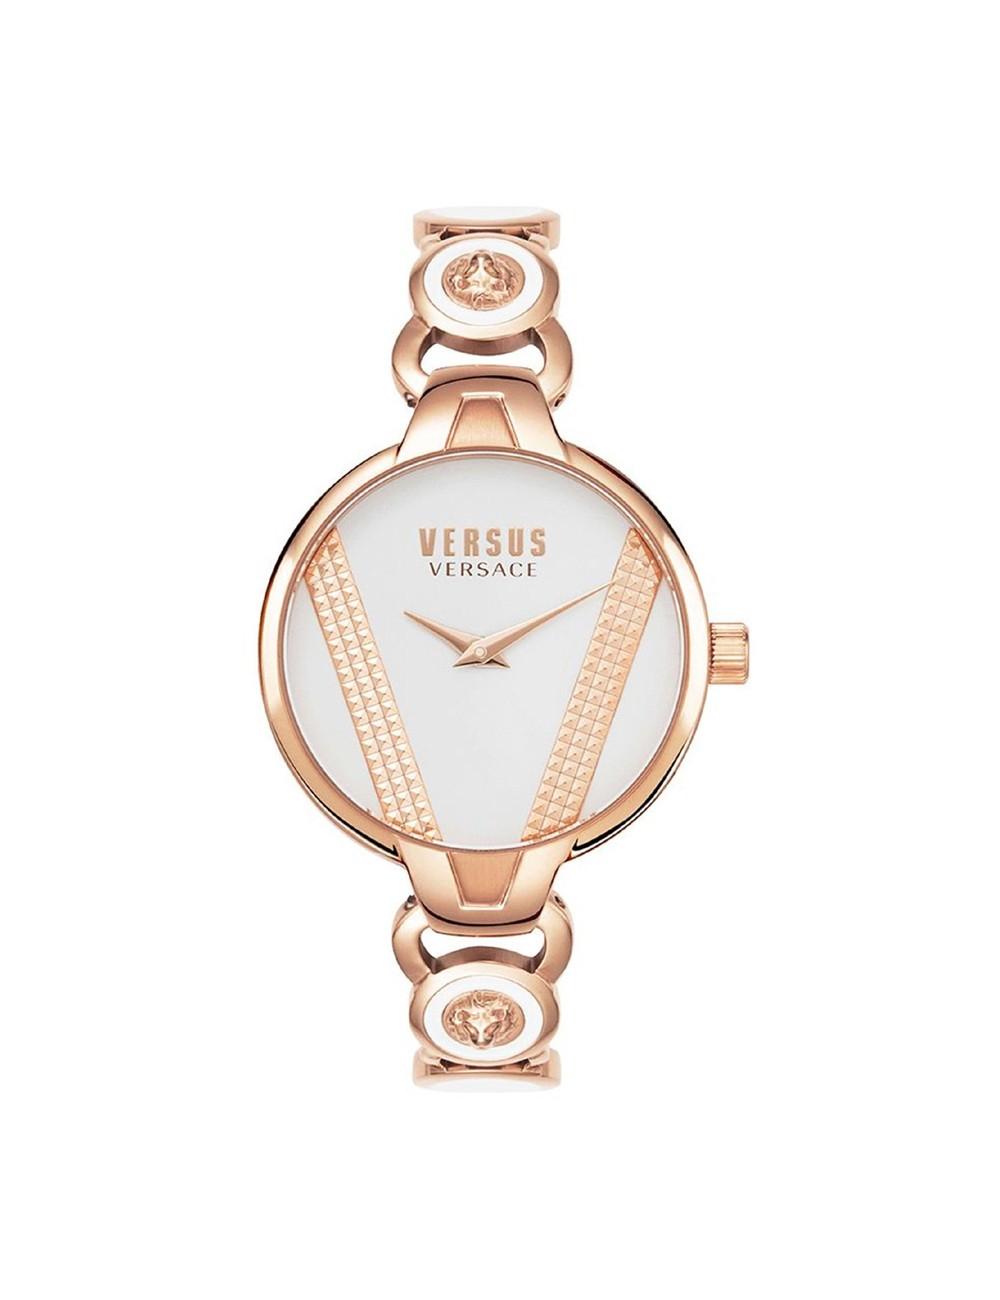 Versus VSPER0419 Saint Germain Ladies Watch